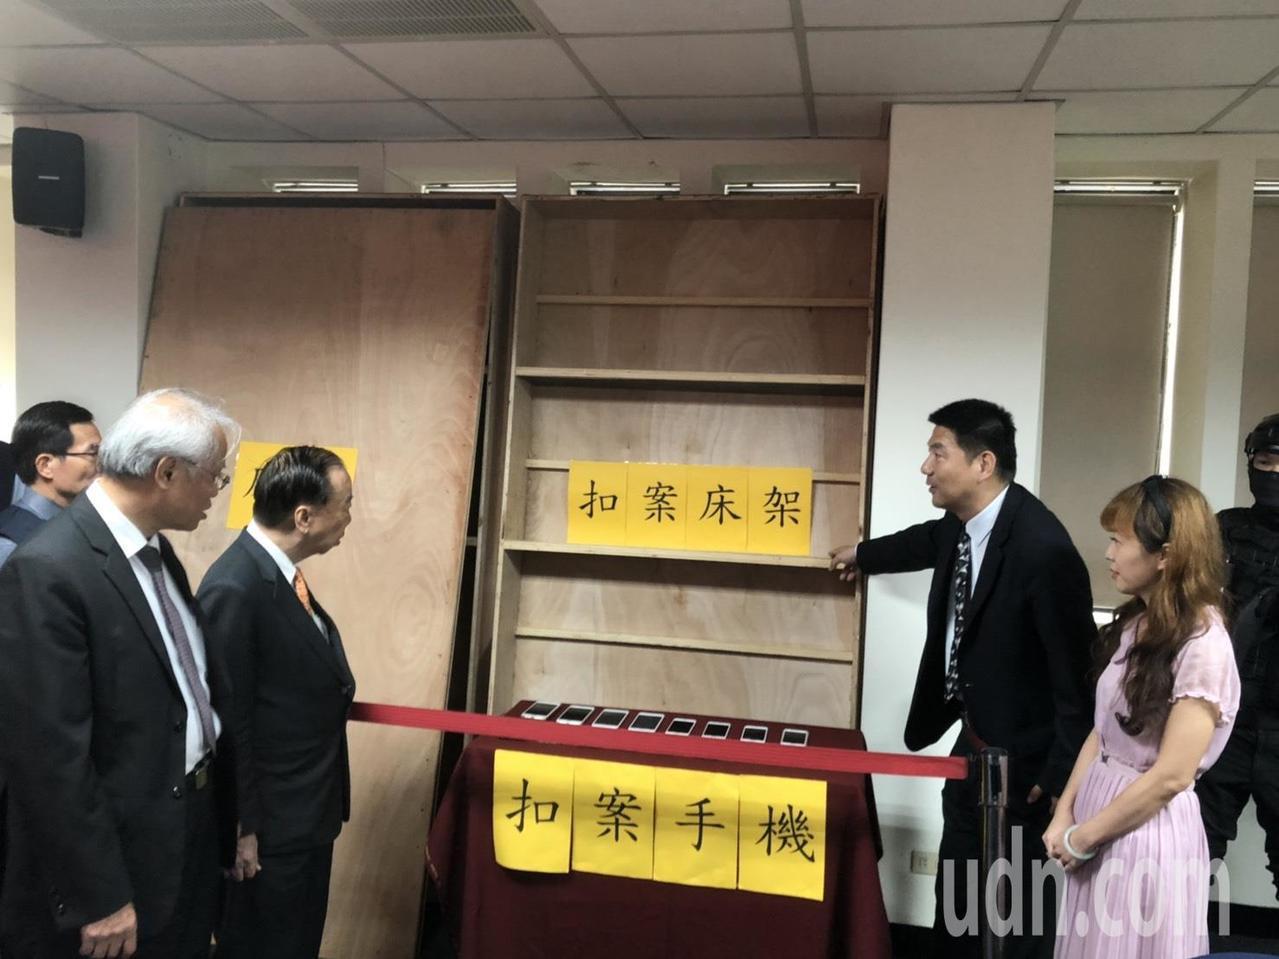 嫌犯在台灣訂製特殊尺寸的床板,用來運送毒品。記者蔡家蓁/攝影